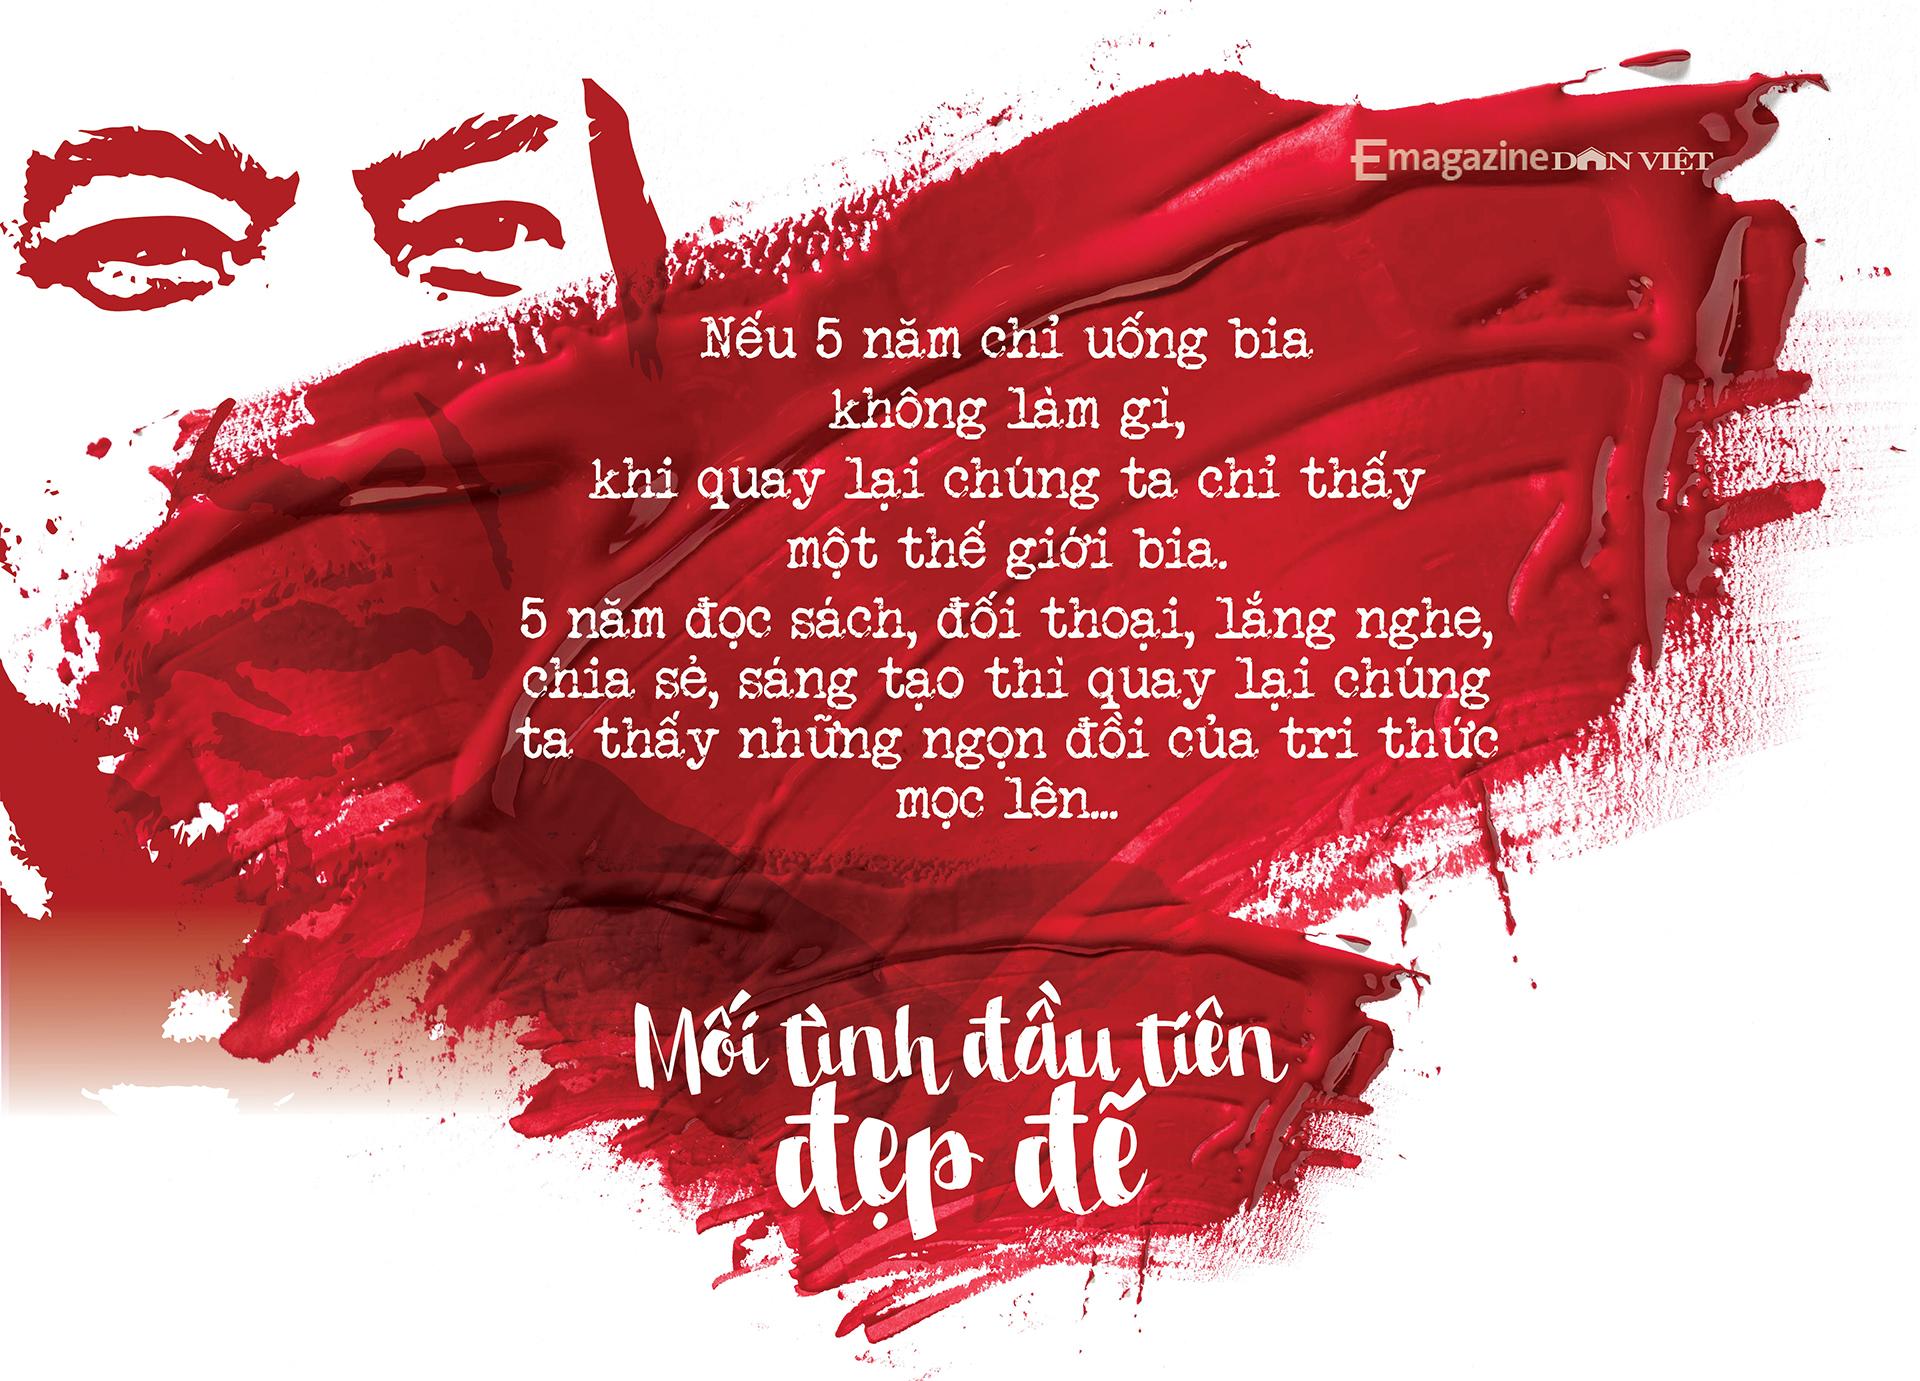 Nhà văn Nguyễn Quang Thiều: Sự đập cánh của đôi cánh tự do khác đôi chân của kẻ tuỳ tiện - Ảnh 11.